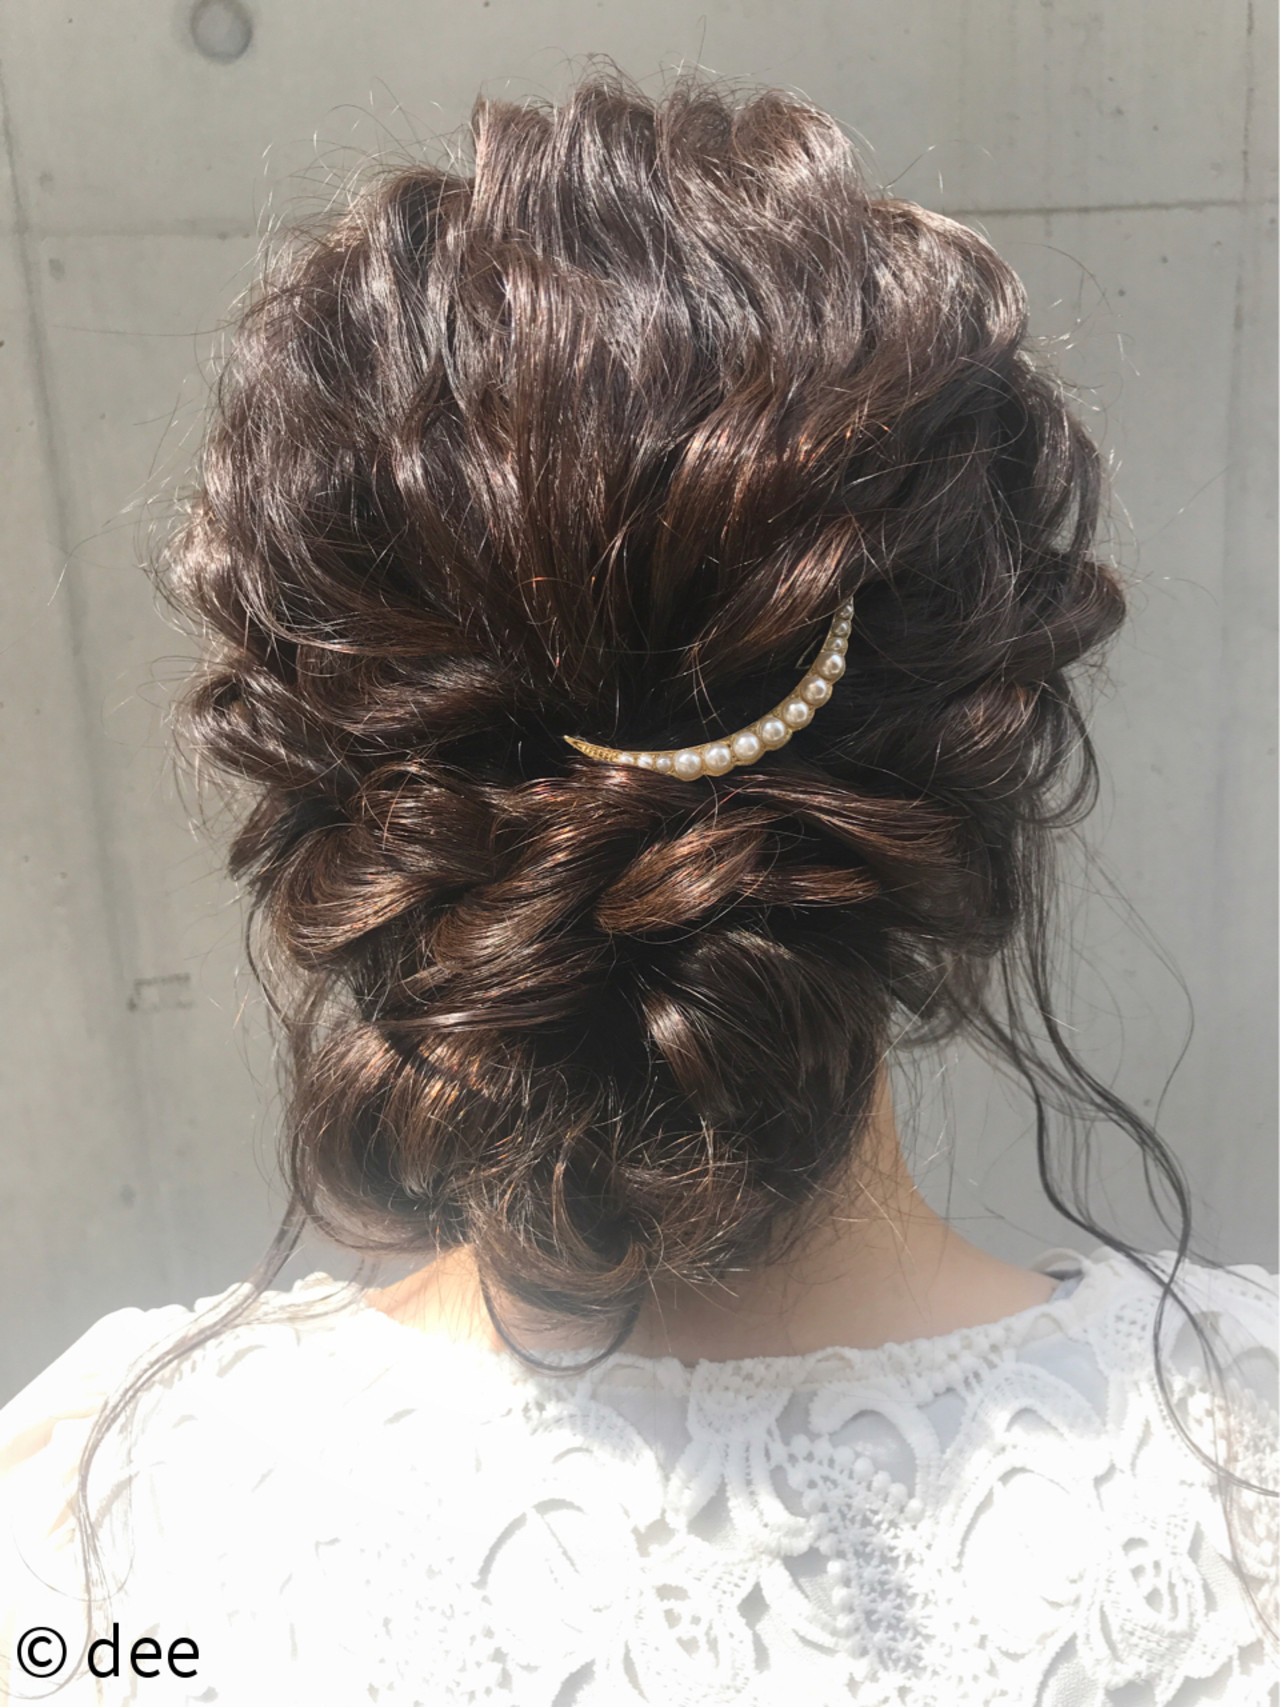 バレッタ使いのまとめ髪が色っぽいツヤ髪スタイル♡ dee